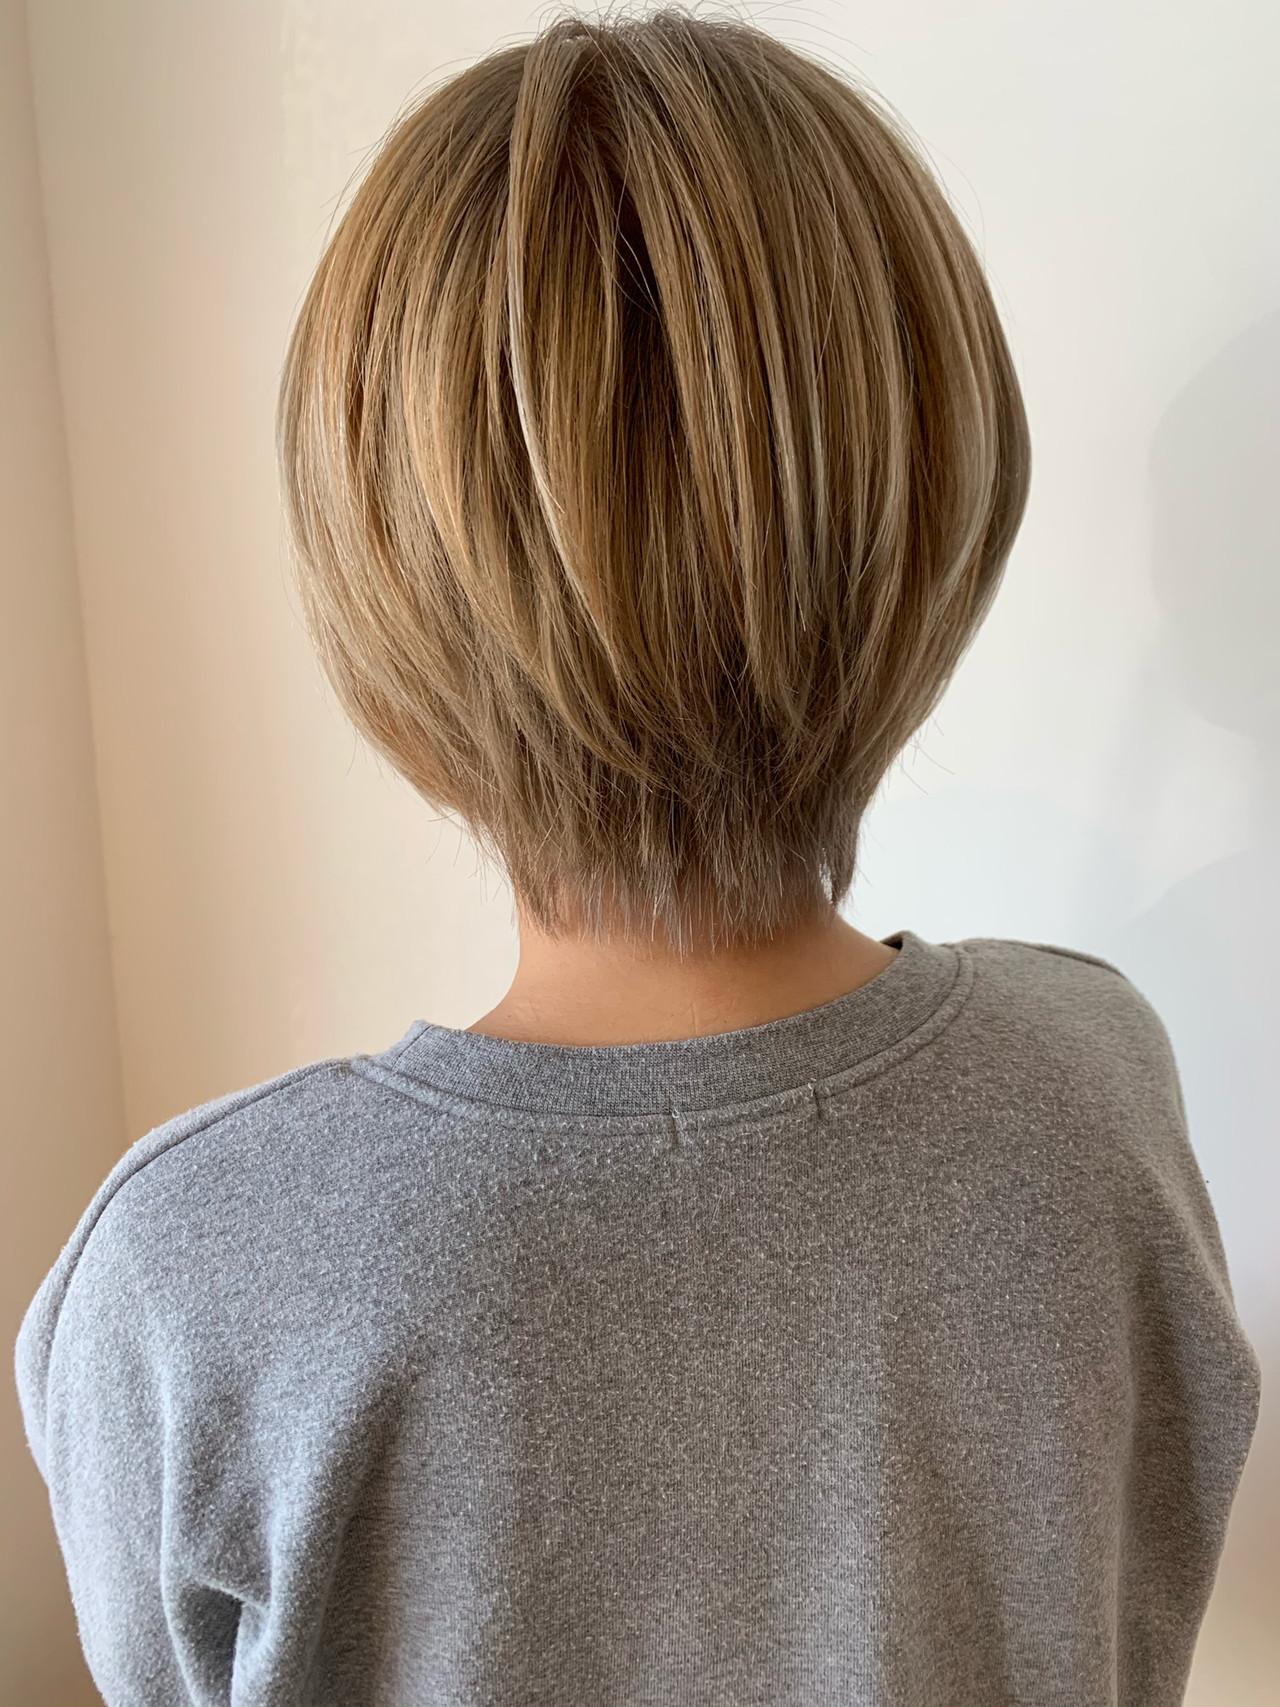 ダブルカラー ショート フェミニン 透明感カラー ヘアスタイルや髪型の写真・画像